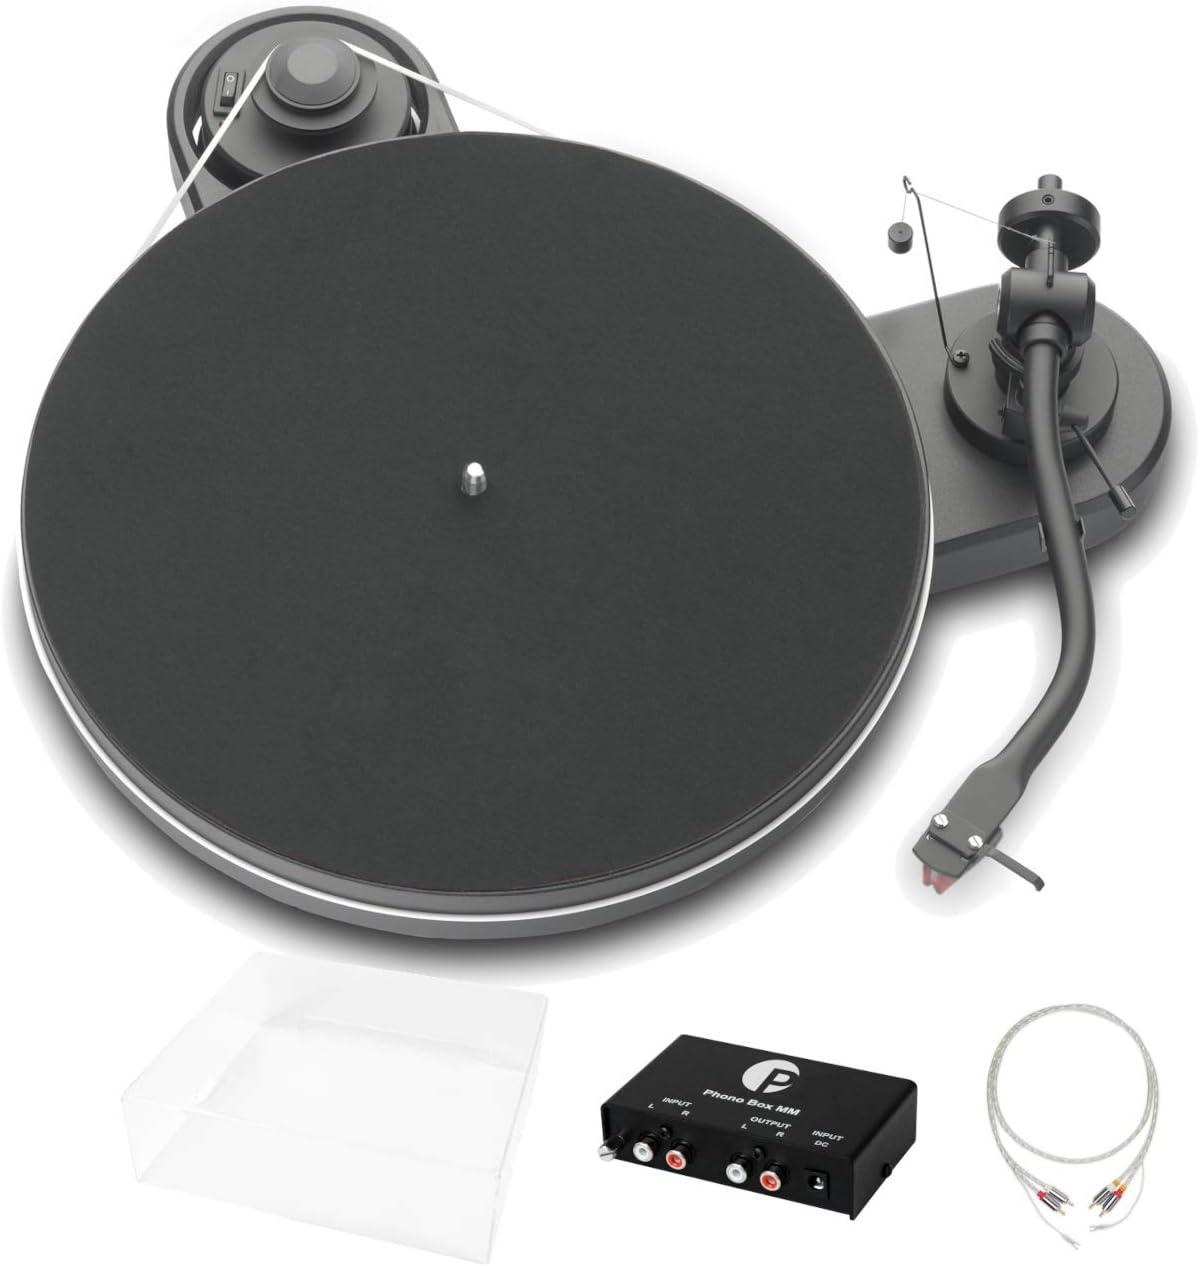 Pro Ject Rpm 1 3 Genie Superpack Audiophiles Einsteigerset Mit Plattenspieler Phonovorstufe Abdeckhaube Und Kabel Matt Schwarz